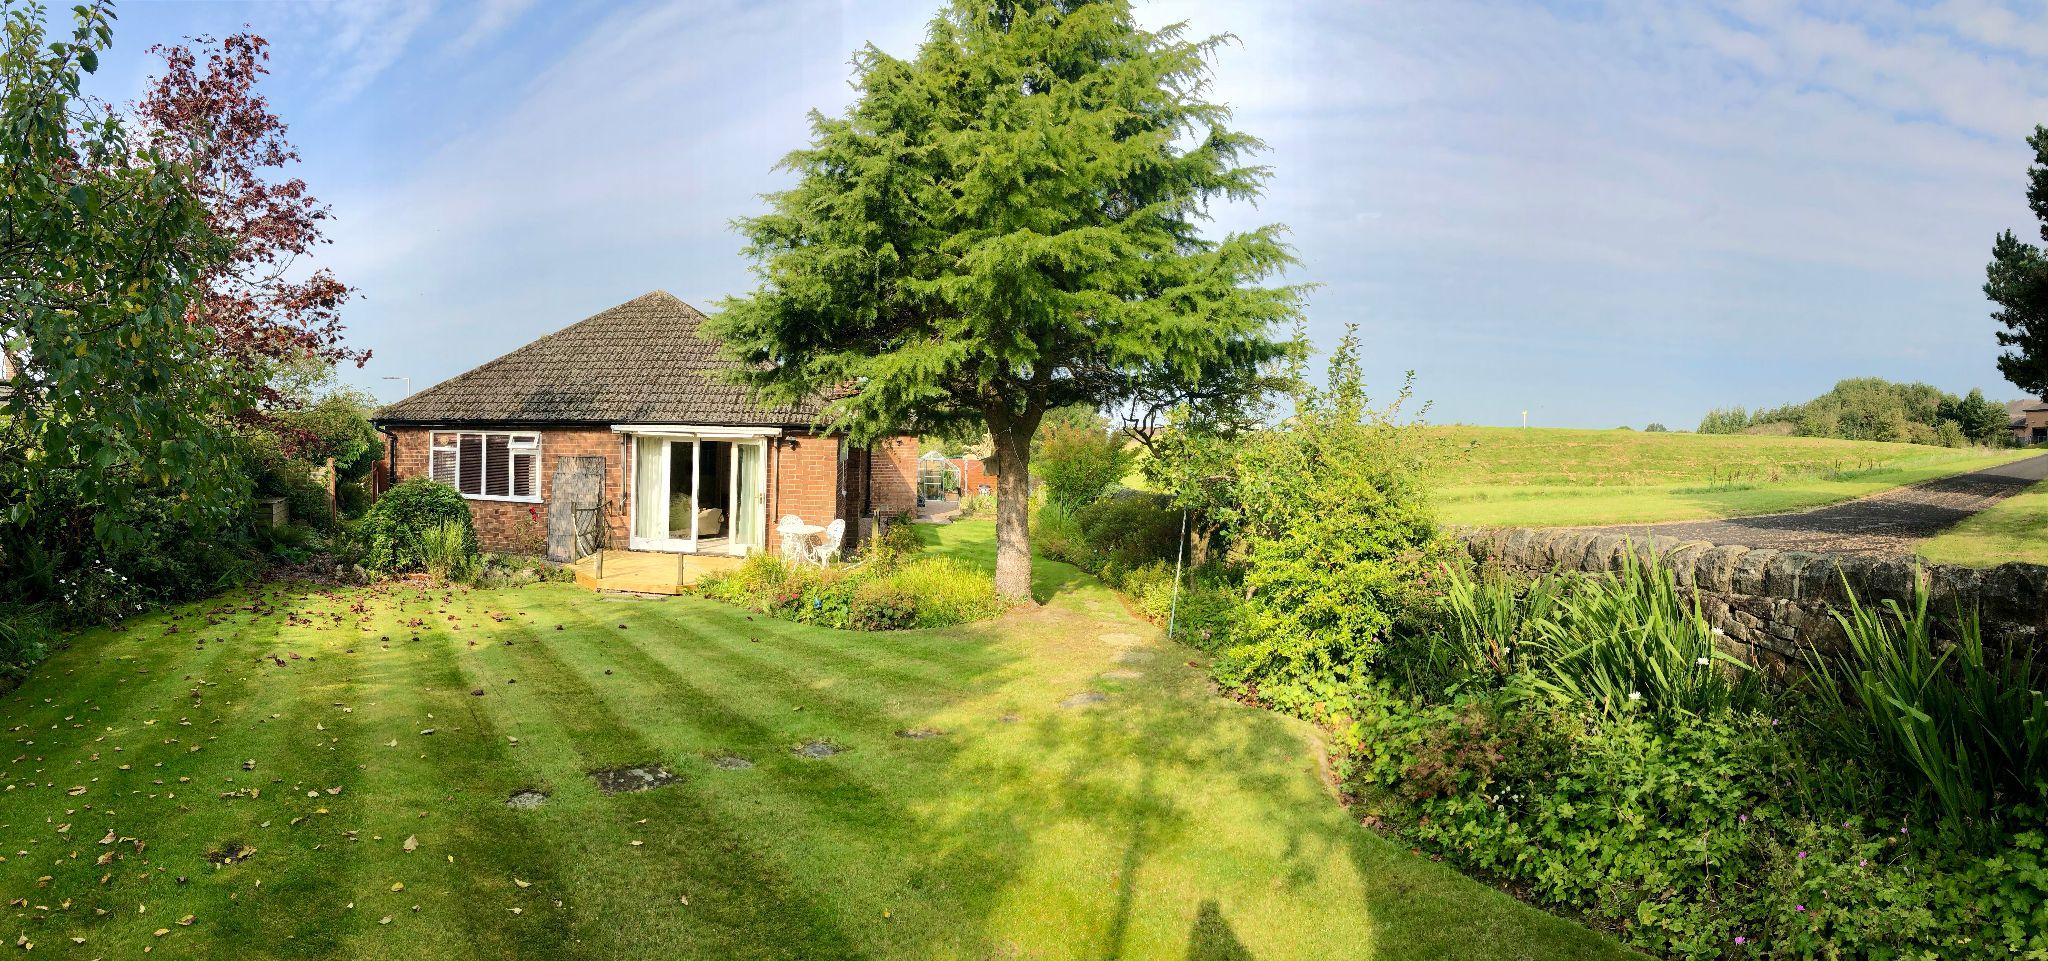 4 Bedroom Detached Bungalow For Sale - Photograph 2